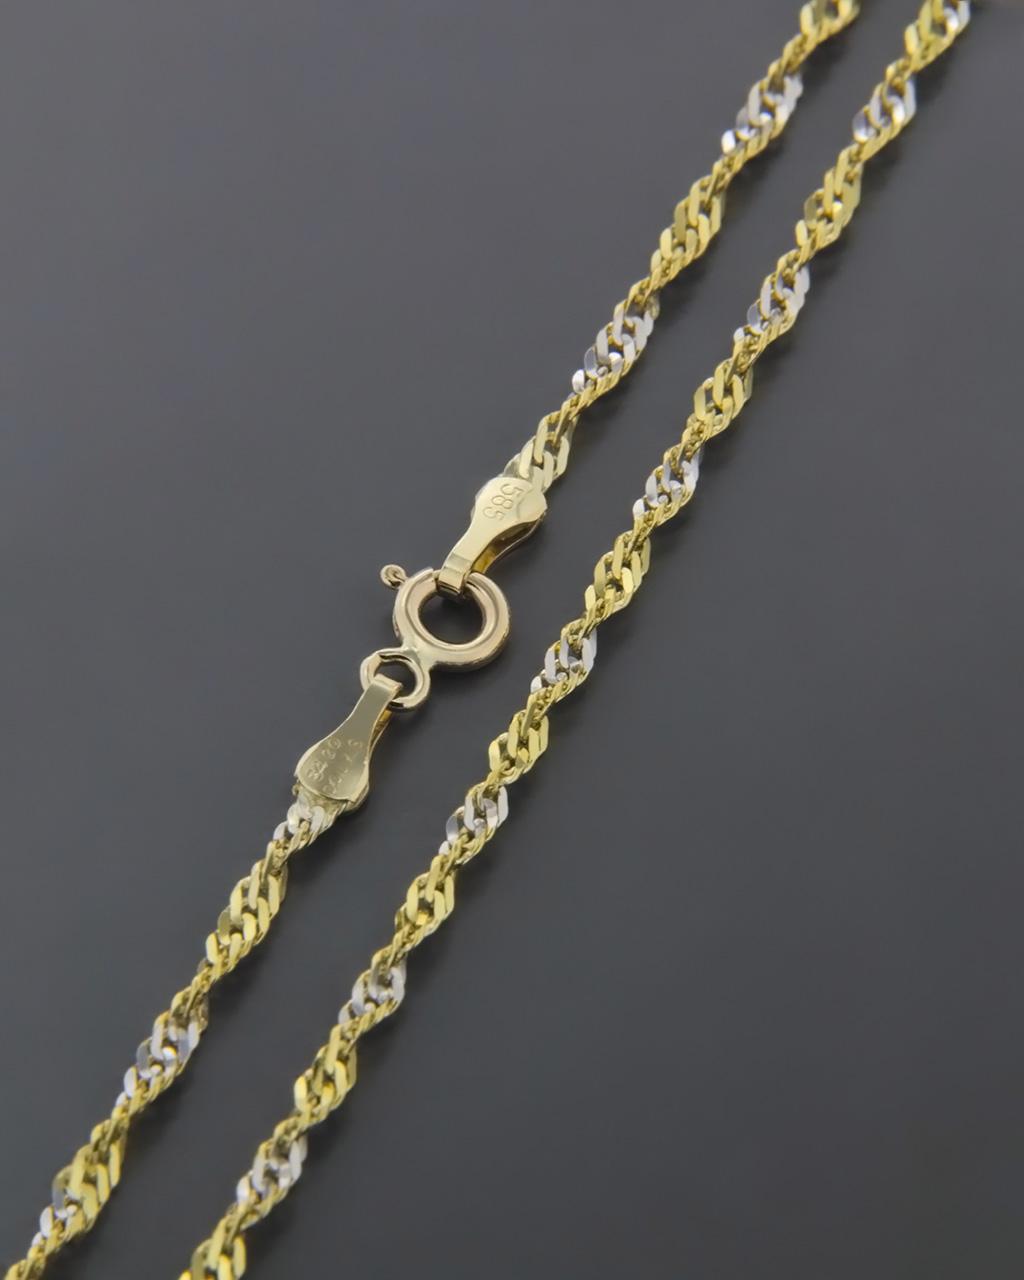 Αλυσίδα λαιμού χρυσή & λευκόχρυση Κ14 45cm   παιδι αλυσίδες λαιμού αλυσίδες δίχρωμες